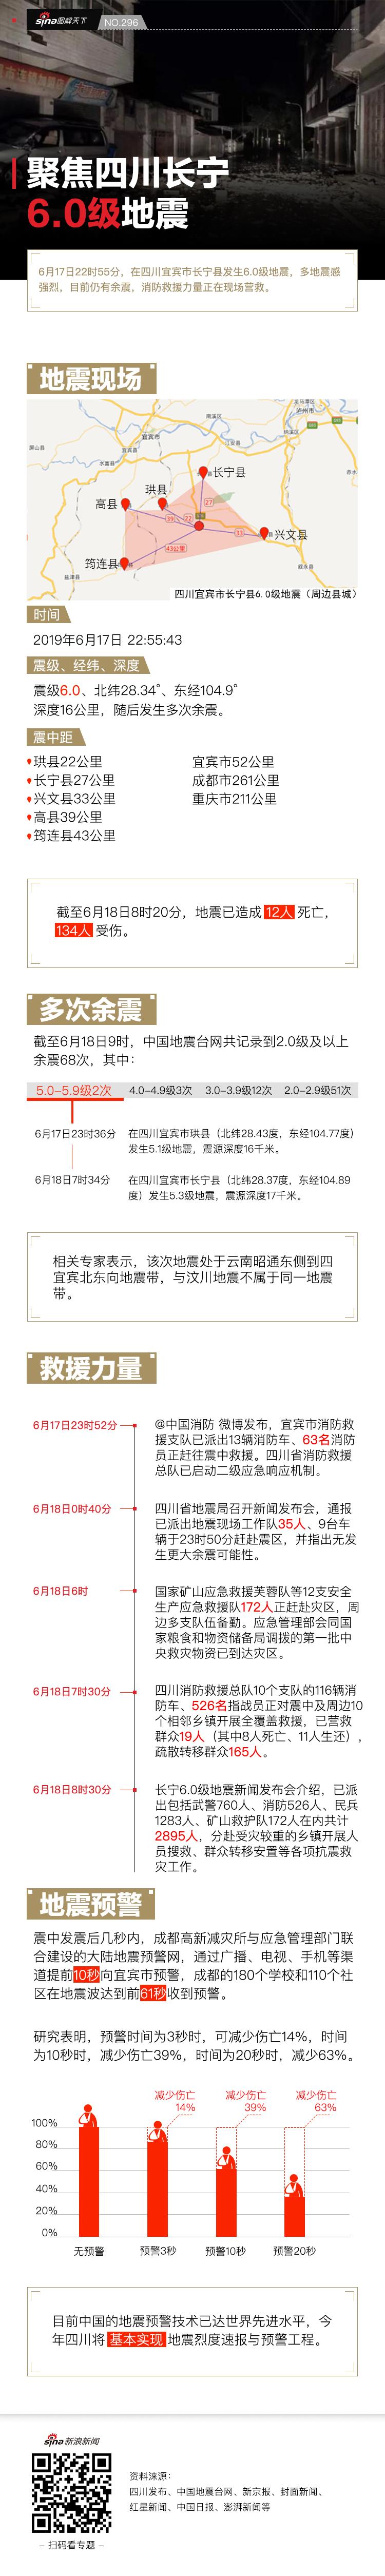 聚焦四川长宁6.0级地震丨新浪新闻图解天下